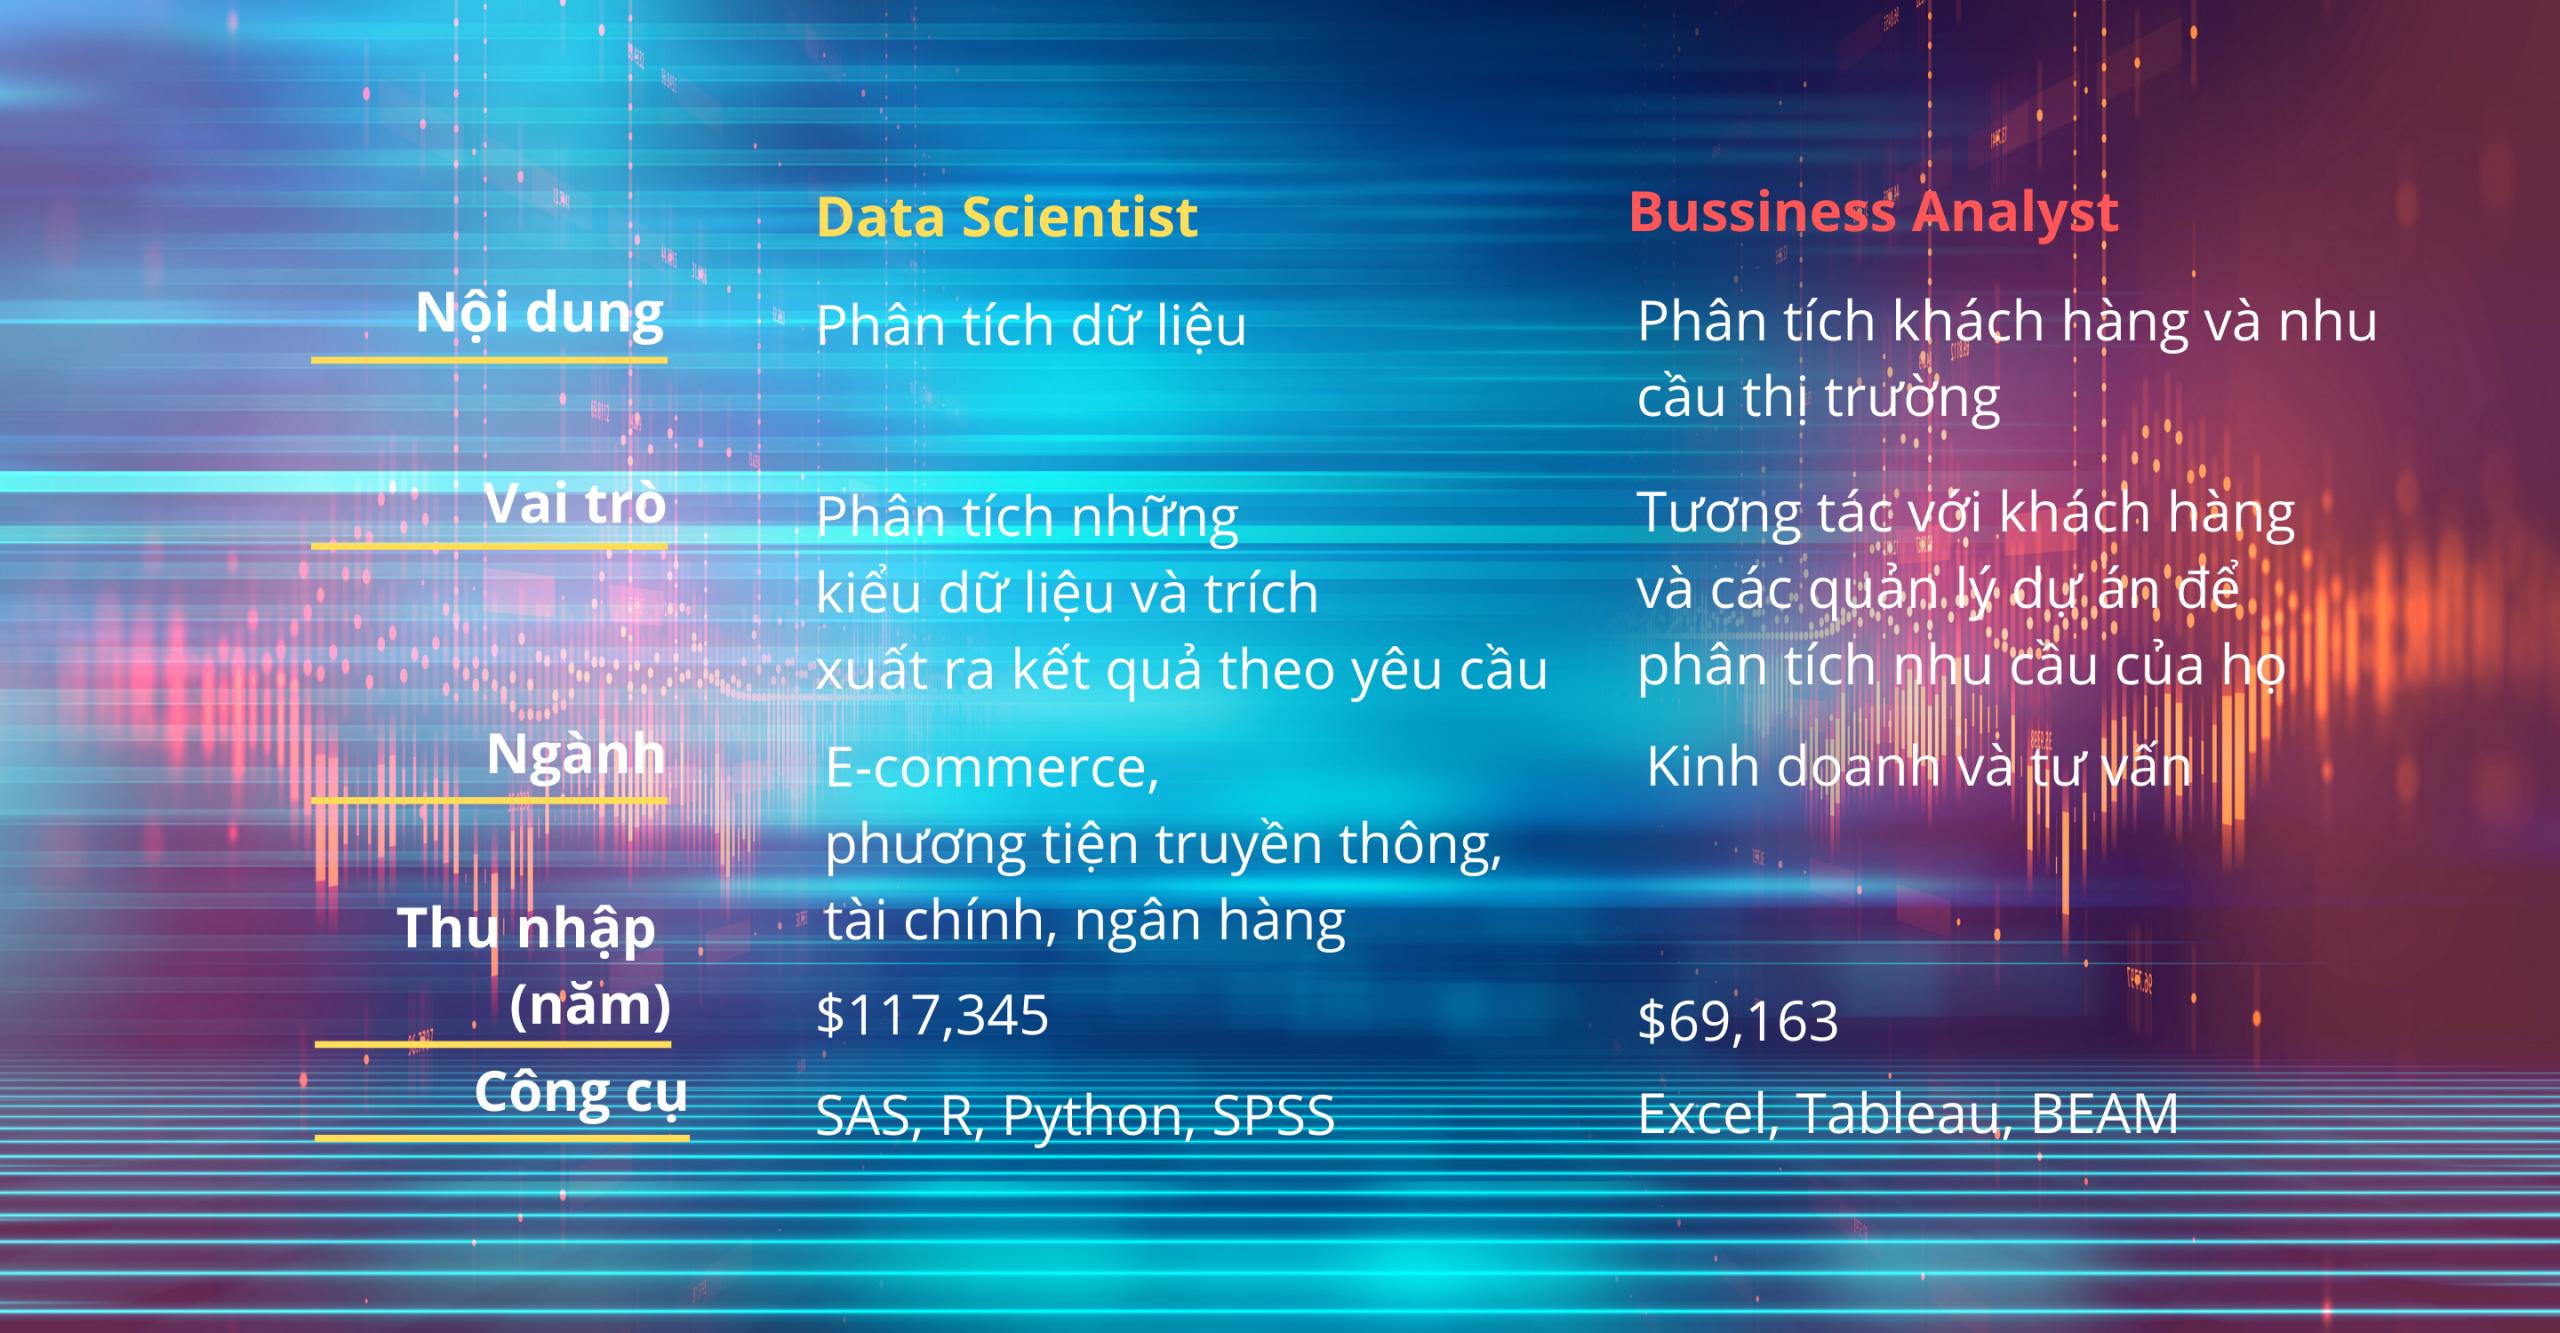 Viện ISB_ Khác biệt giữ Data Scientist và Business Analyst_01